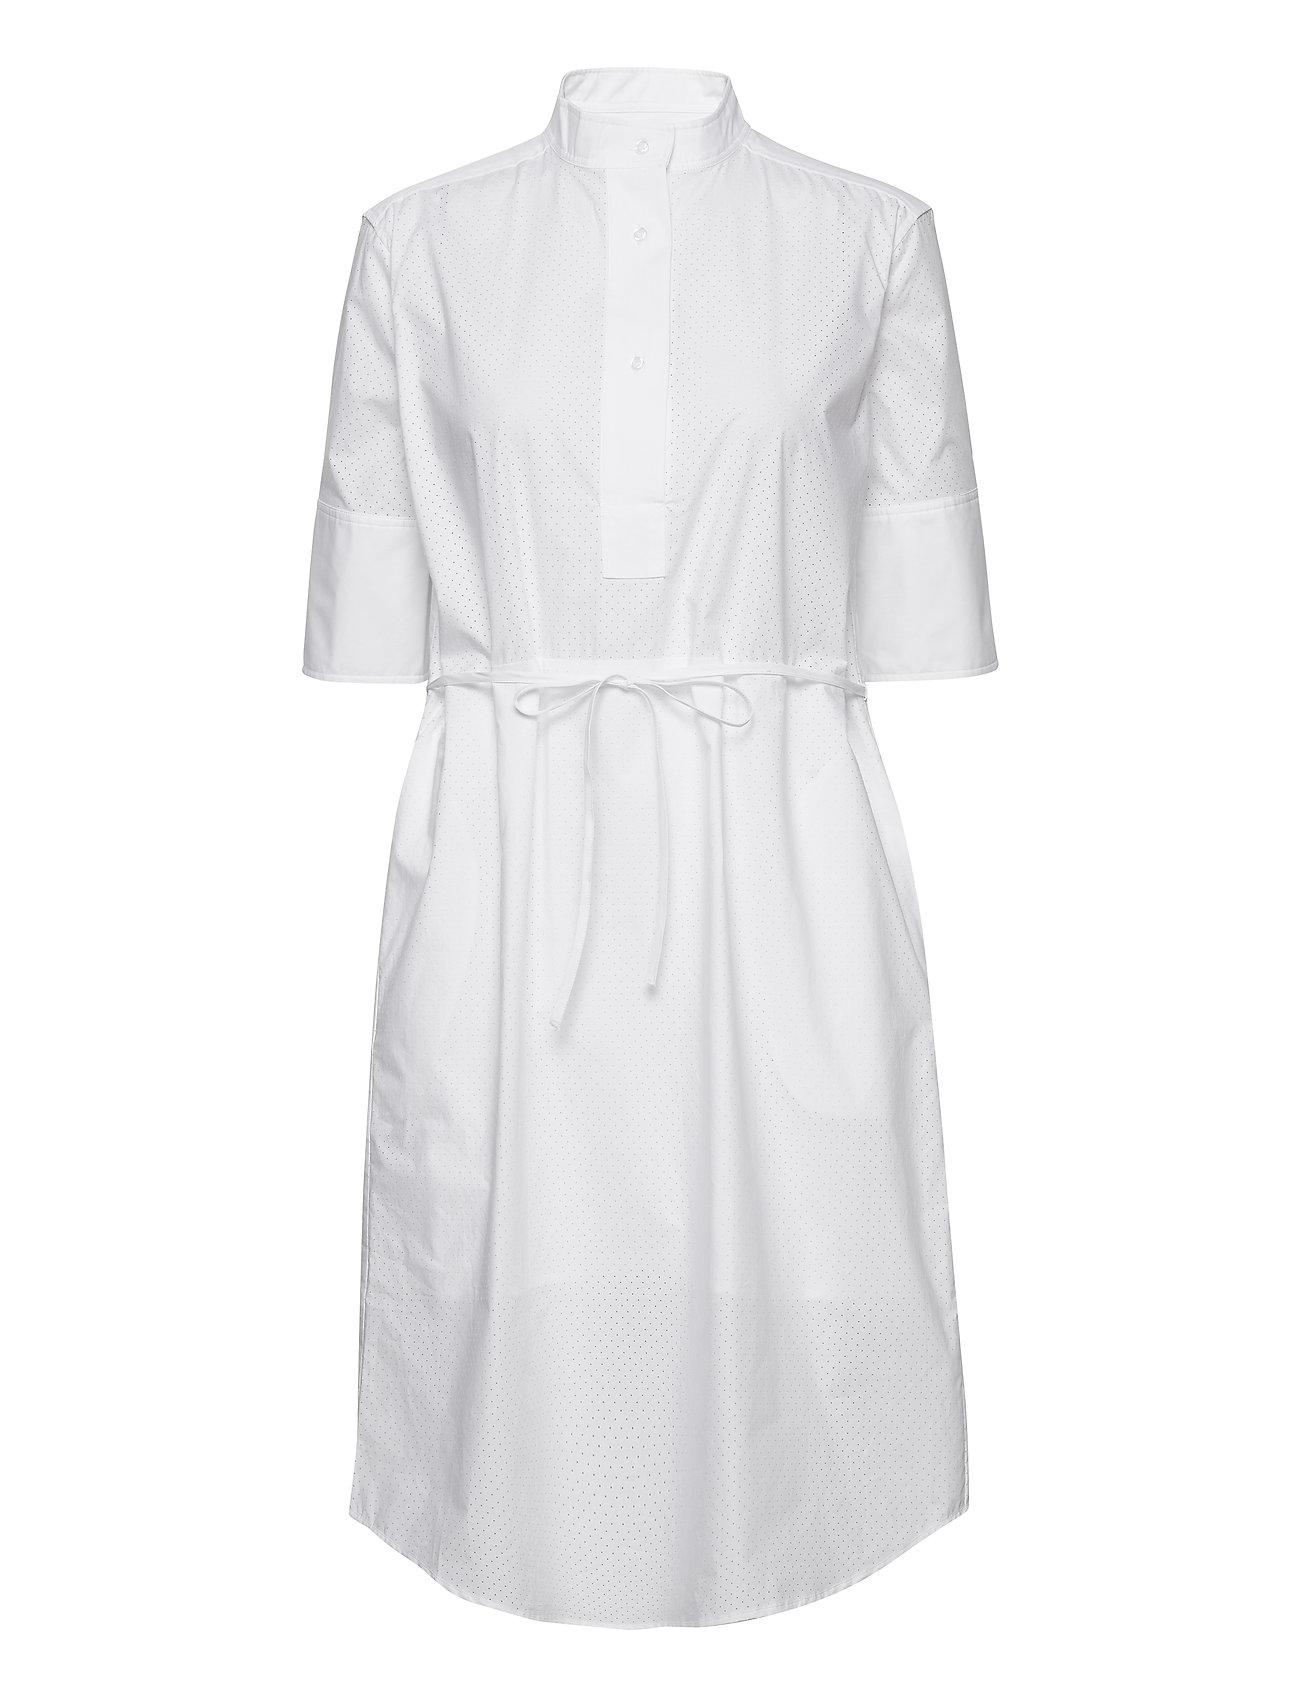 Bonnie Popover Dress Knælang Kjole Hvid Residus